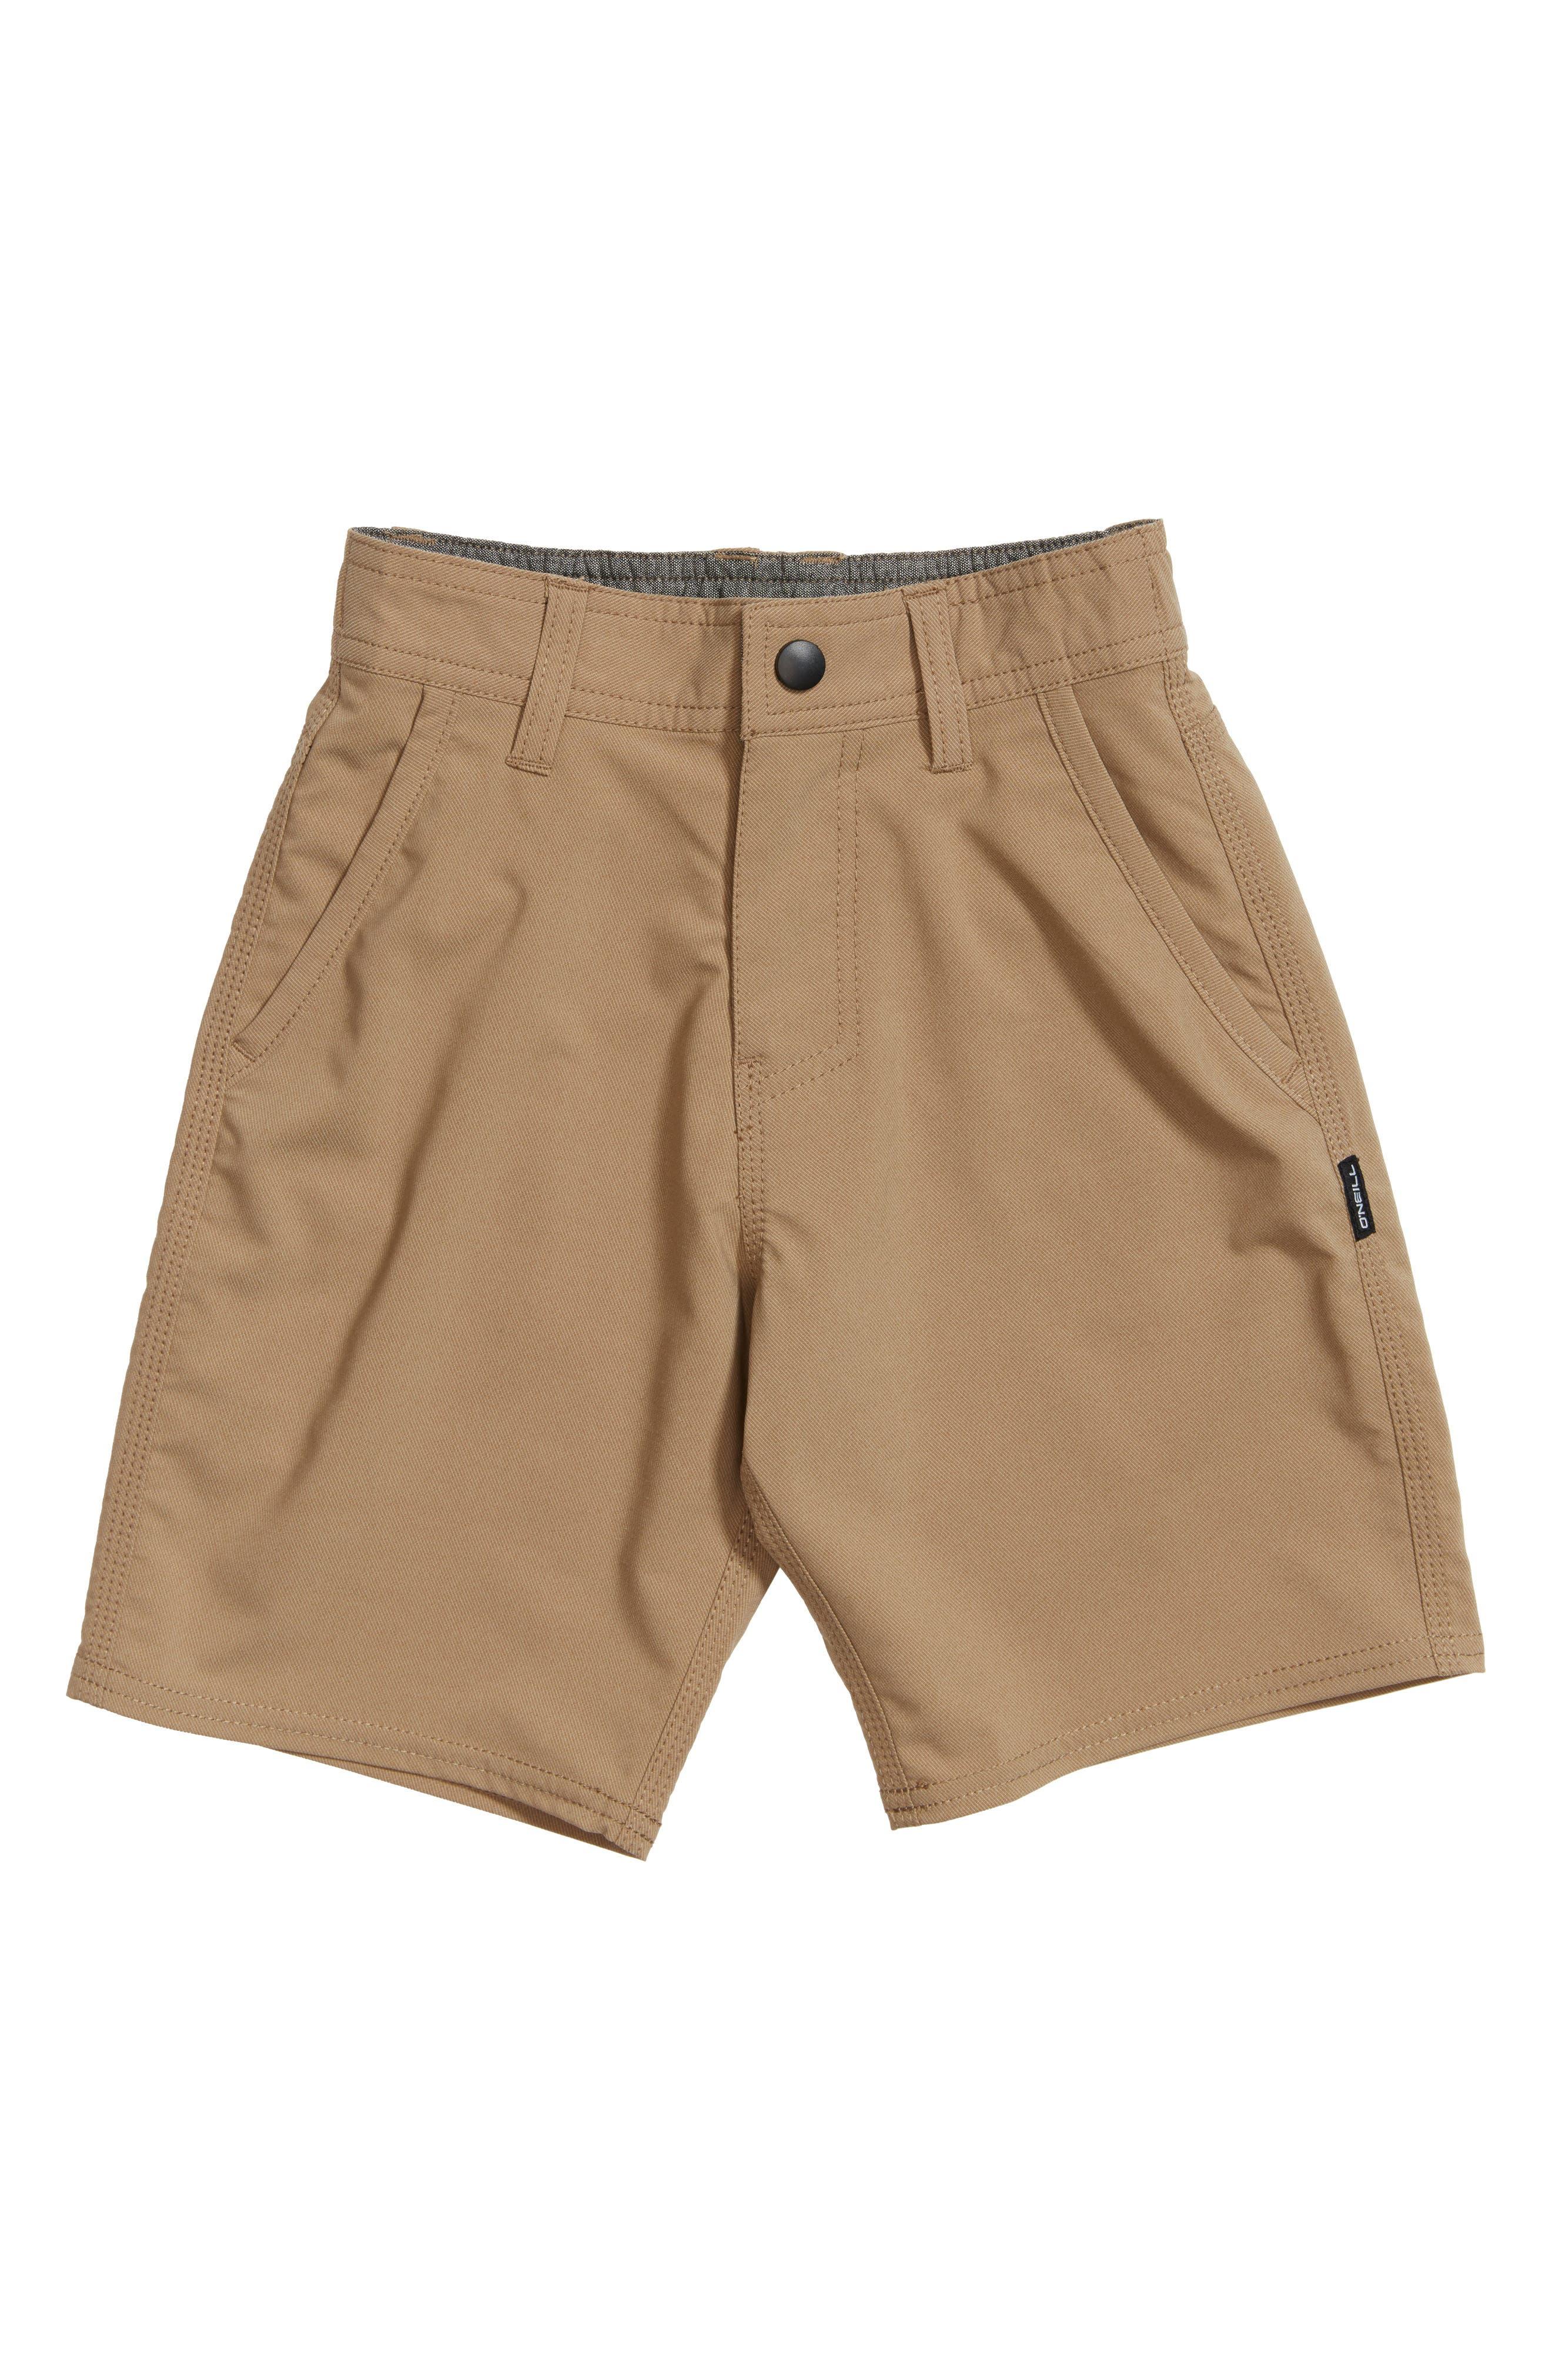 Stockton Hybrid Shorts,                             Main thumbnail 1, color,                             KHAKI